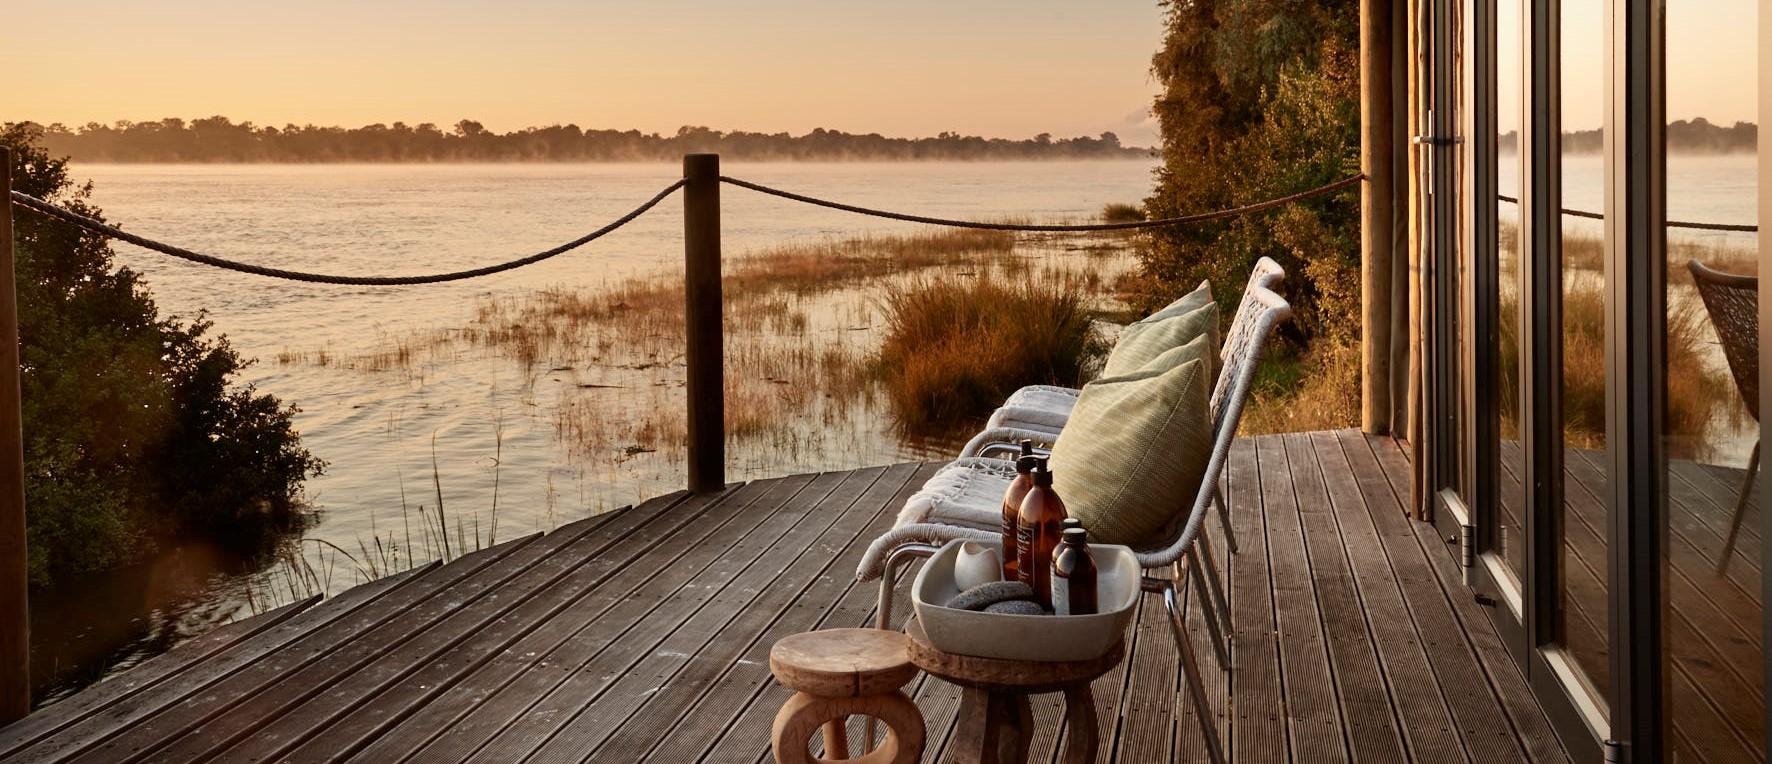 dawn-mist-zambezi-zimbabwe